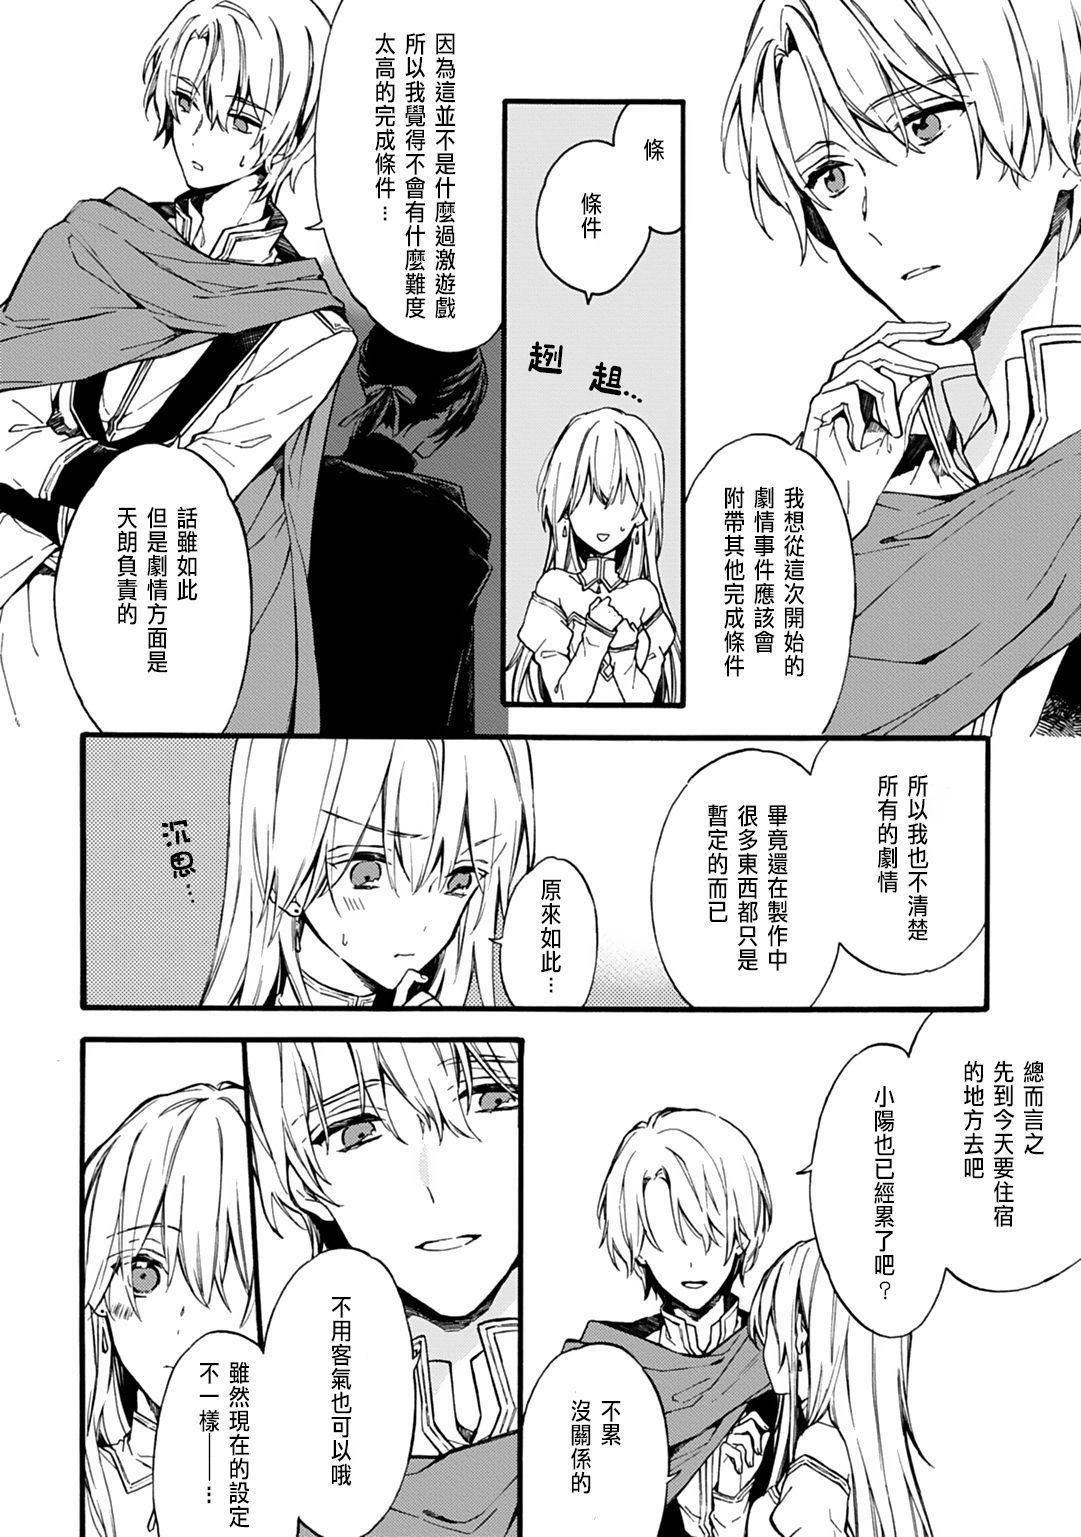 [Suzushiro Nerita] Otomege (18-kin) de Nyotaika shita Ore wa ~Clear Jouken wa Dekiai Ecchi!?~ 1-3 [Chinese] 37